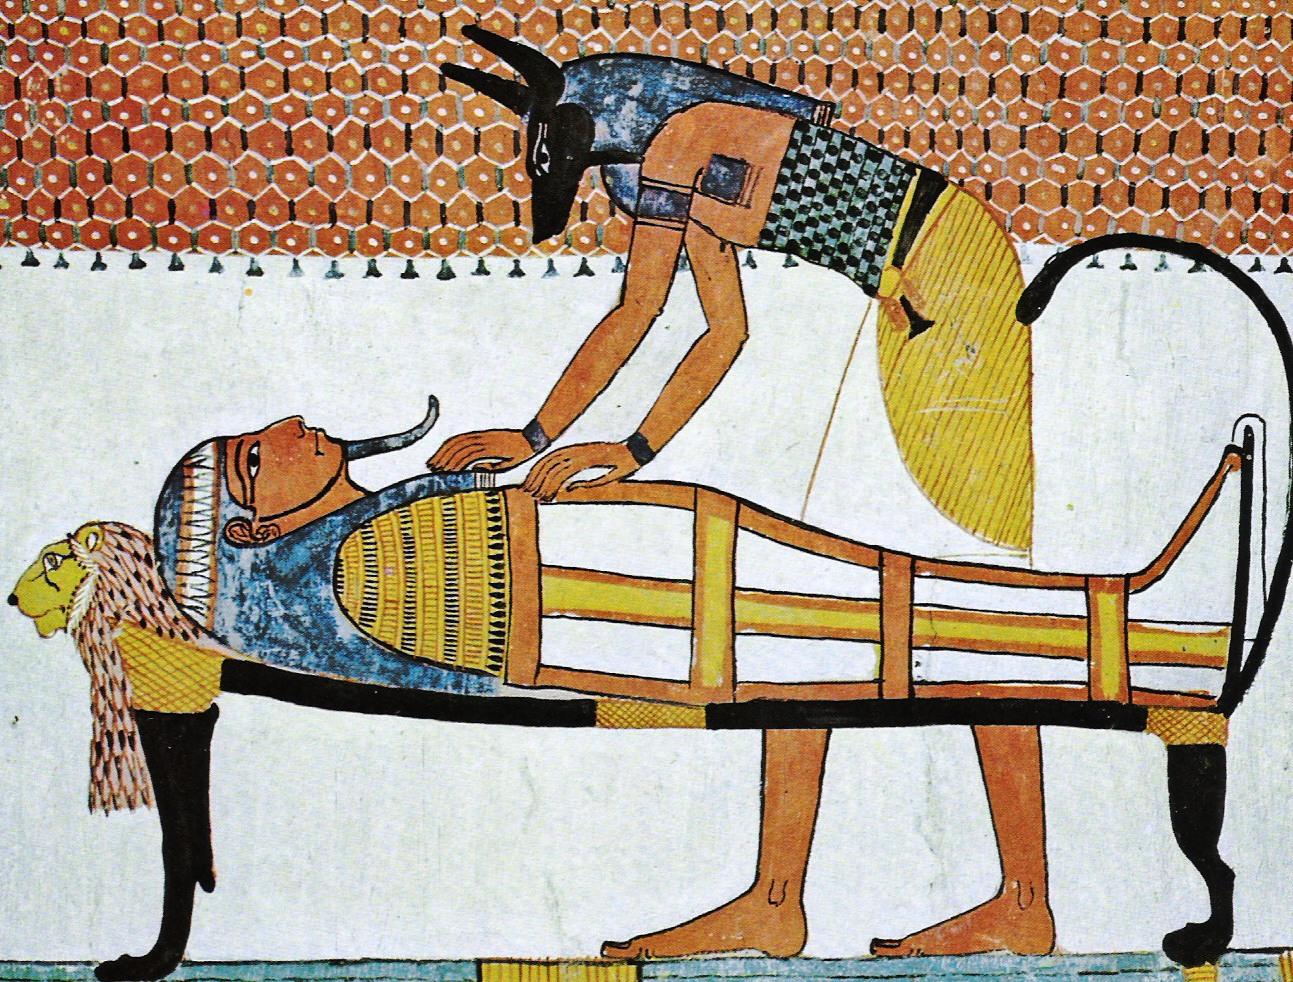 上图:古埃及壁画中,胡狼头人身的死神阿努比斯(Anubis)正在制作木乃伊。在古埃及神话中,是阿努比斯发明了木乃伊的制作方法,将被谋害的奥西里斯(Osiris)制作成木乃伊,并协助他复活成为冥王。因此,古埃及人制作木乃伊的目的也是为了复活永生,法老的熏尸过程都有祭司念咒祈祷,并放进圣甲虫或荷鲁斯之眼(The Eye of Horus)的护身符。约瑟请医生熏尸,就避免了这些异教仪式。